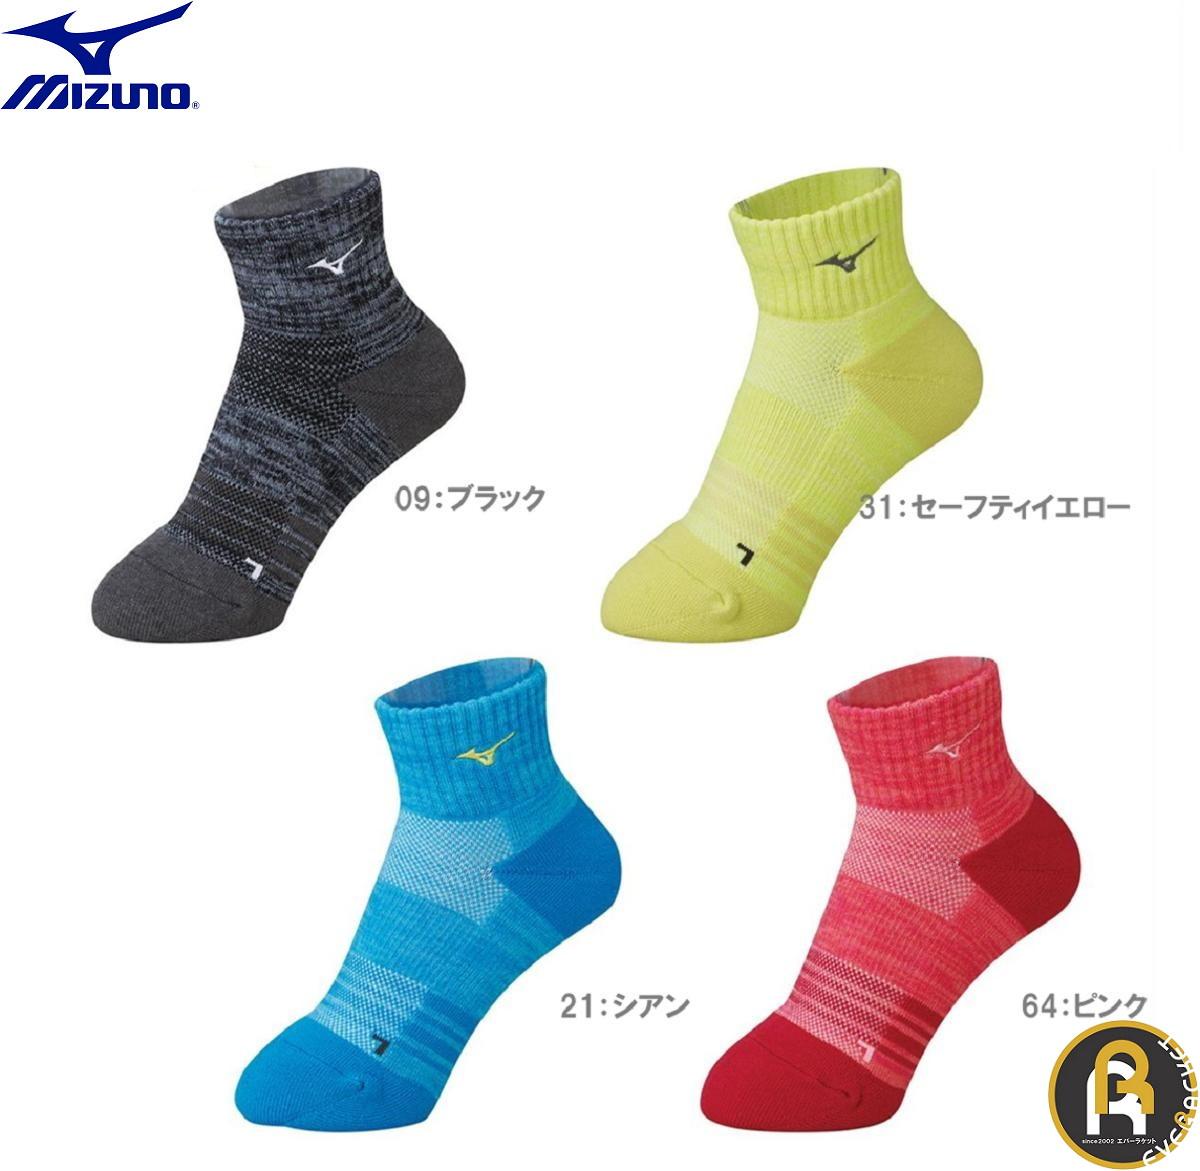 【お買い得商品】ミズノ MIZUNO テニス バドミントン ソフトテニス ソックス 靴下 UNI ユニセックス 62JX8011